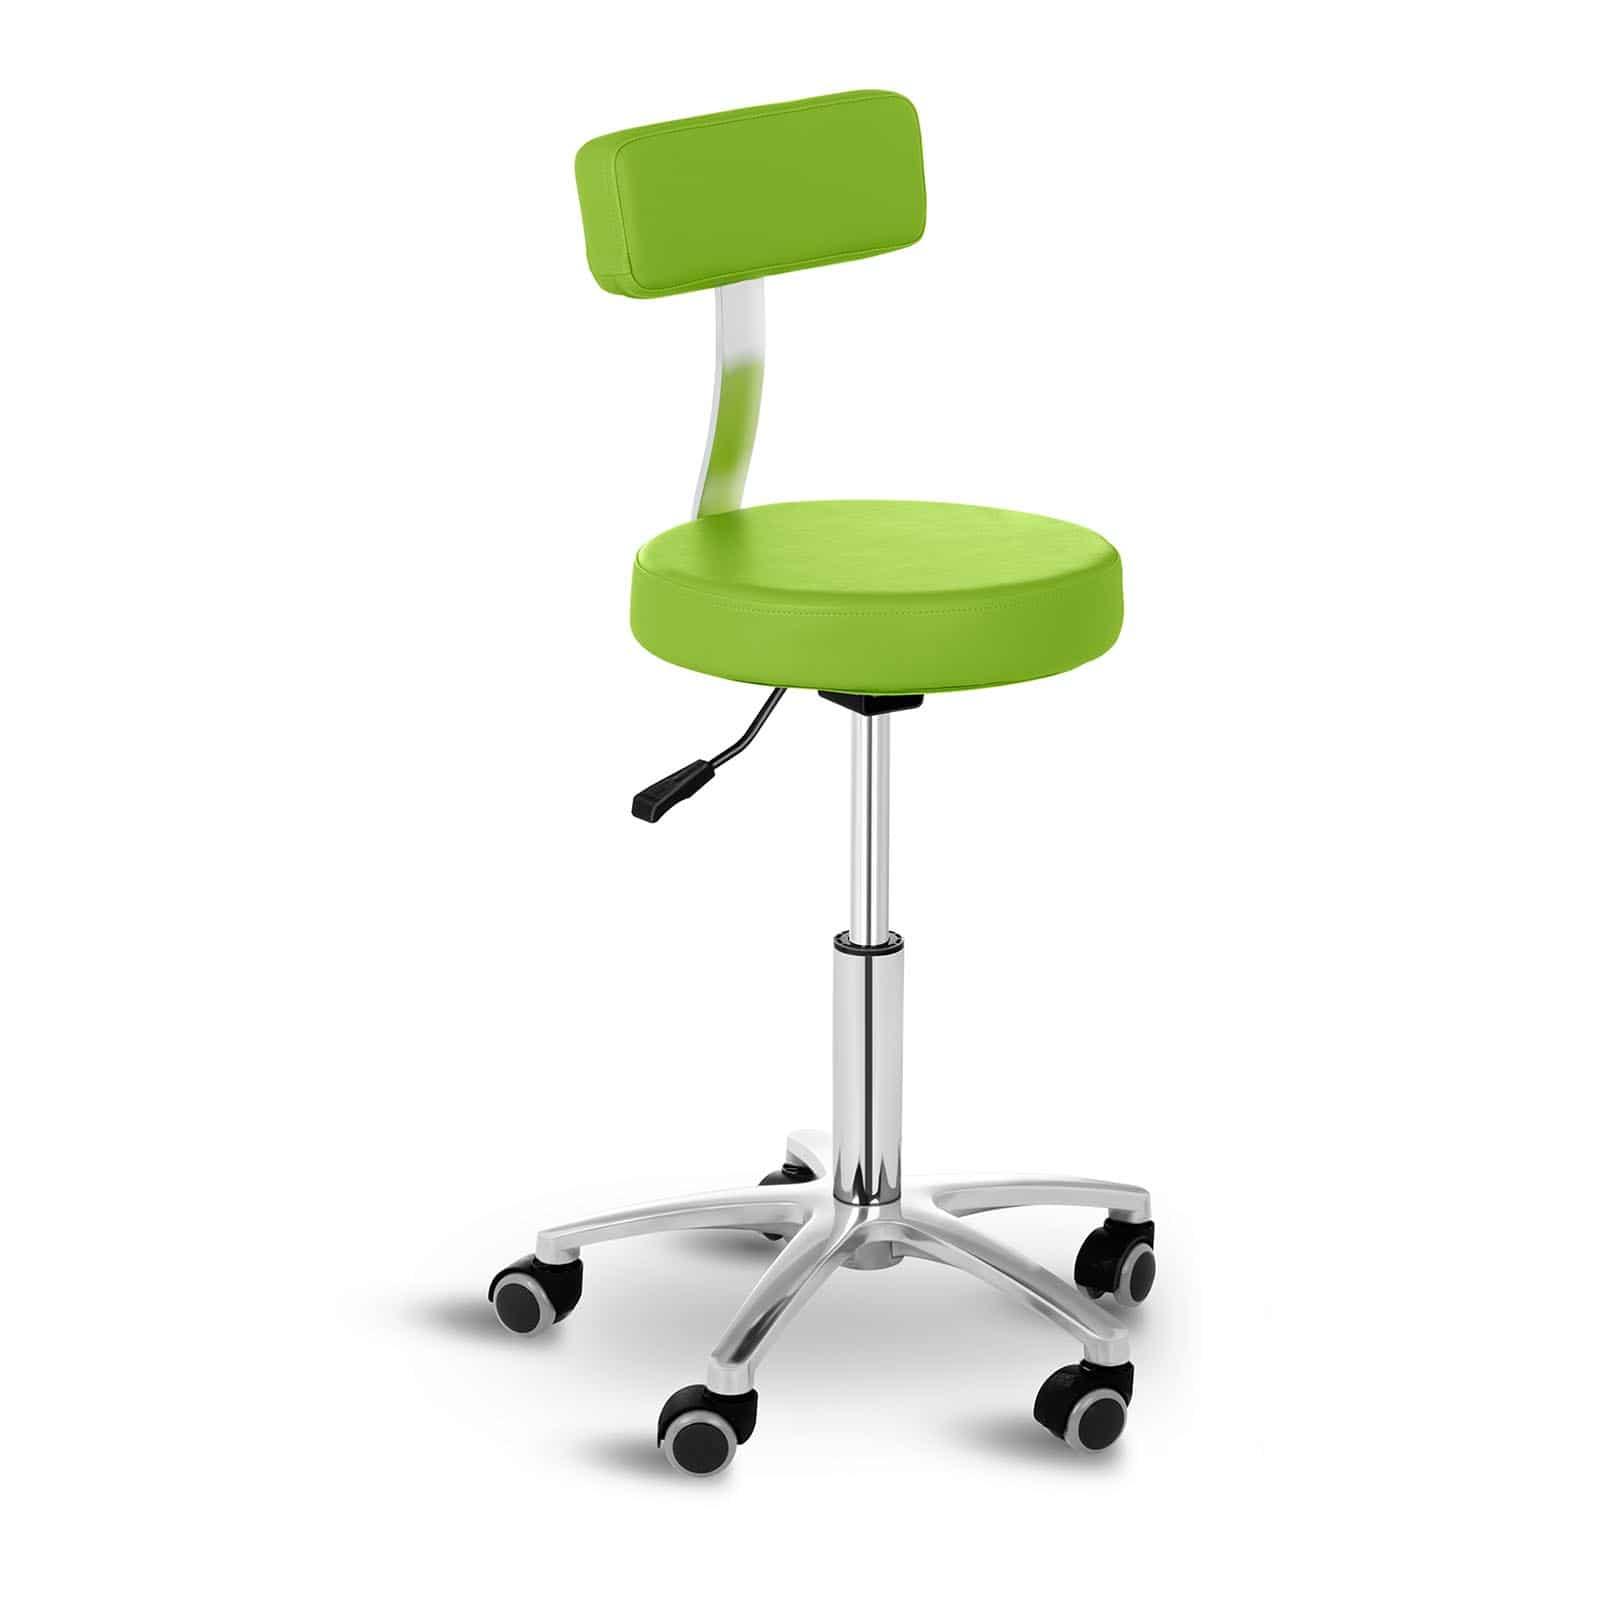 Krzesło kosmetyczne Physa Terni - Zielone